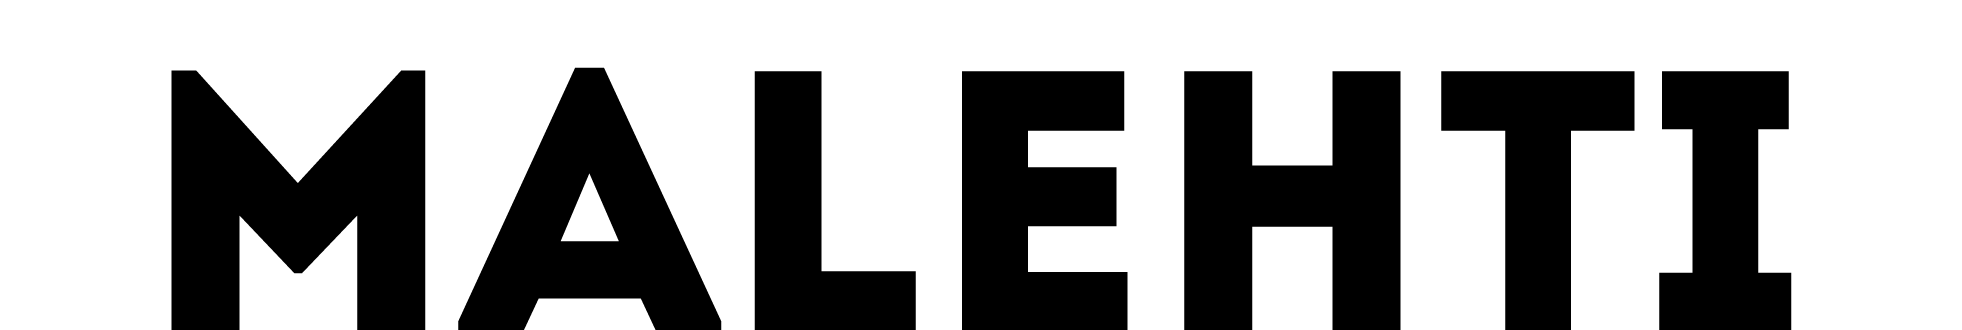 Malehti - Page 2 1407944721-logo-malehti